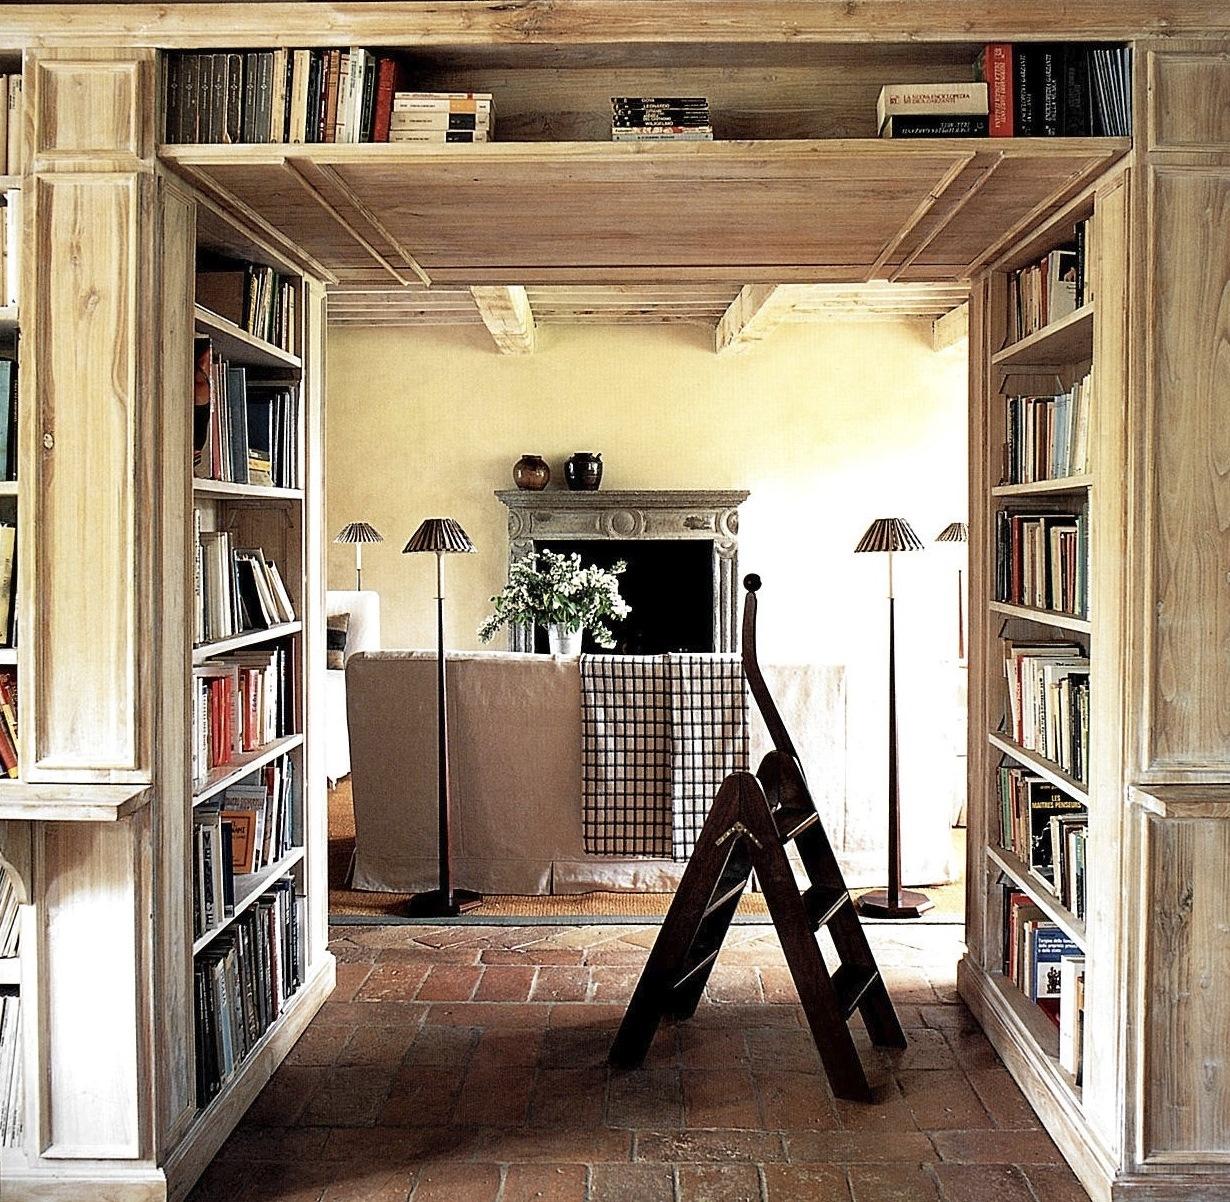 Boiserie c boiserie libreria parete divisoria for Leroy merlin librerie